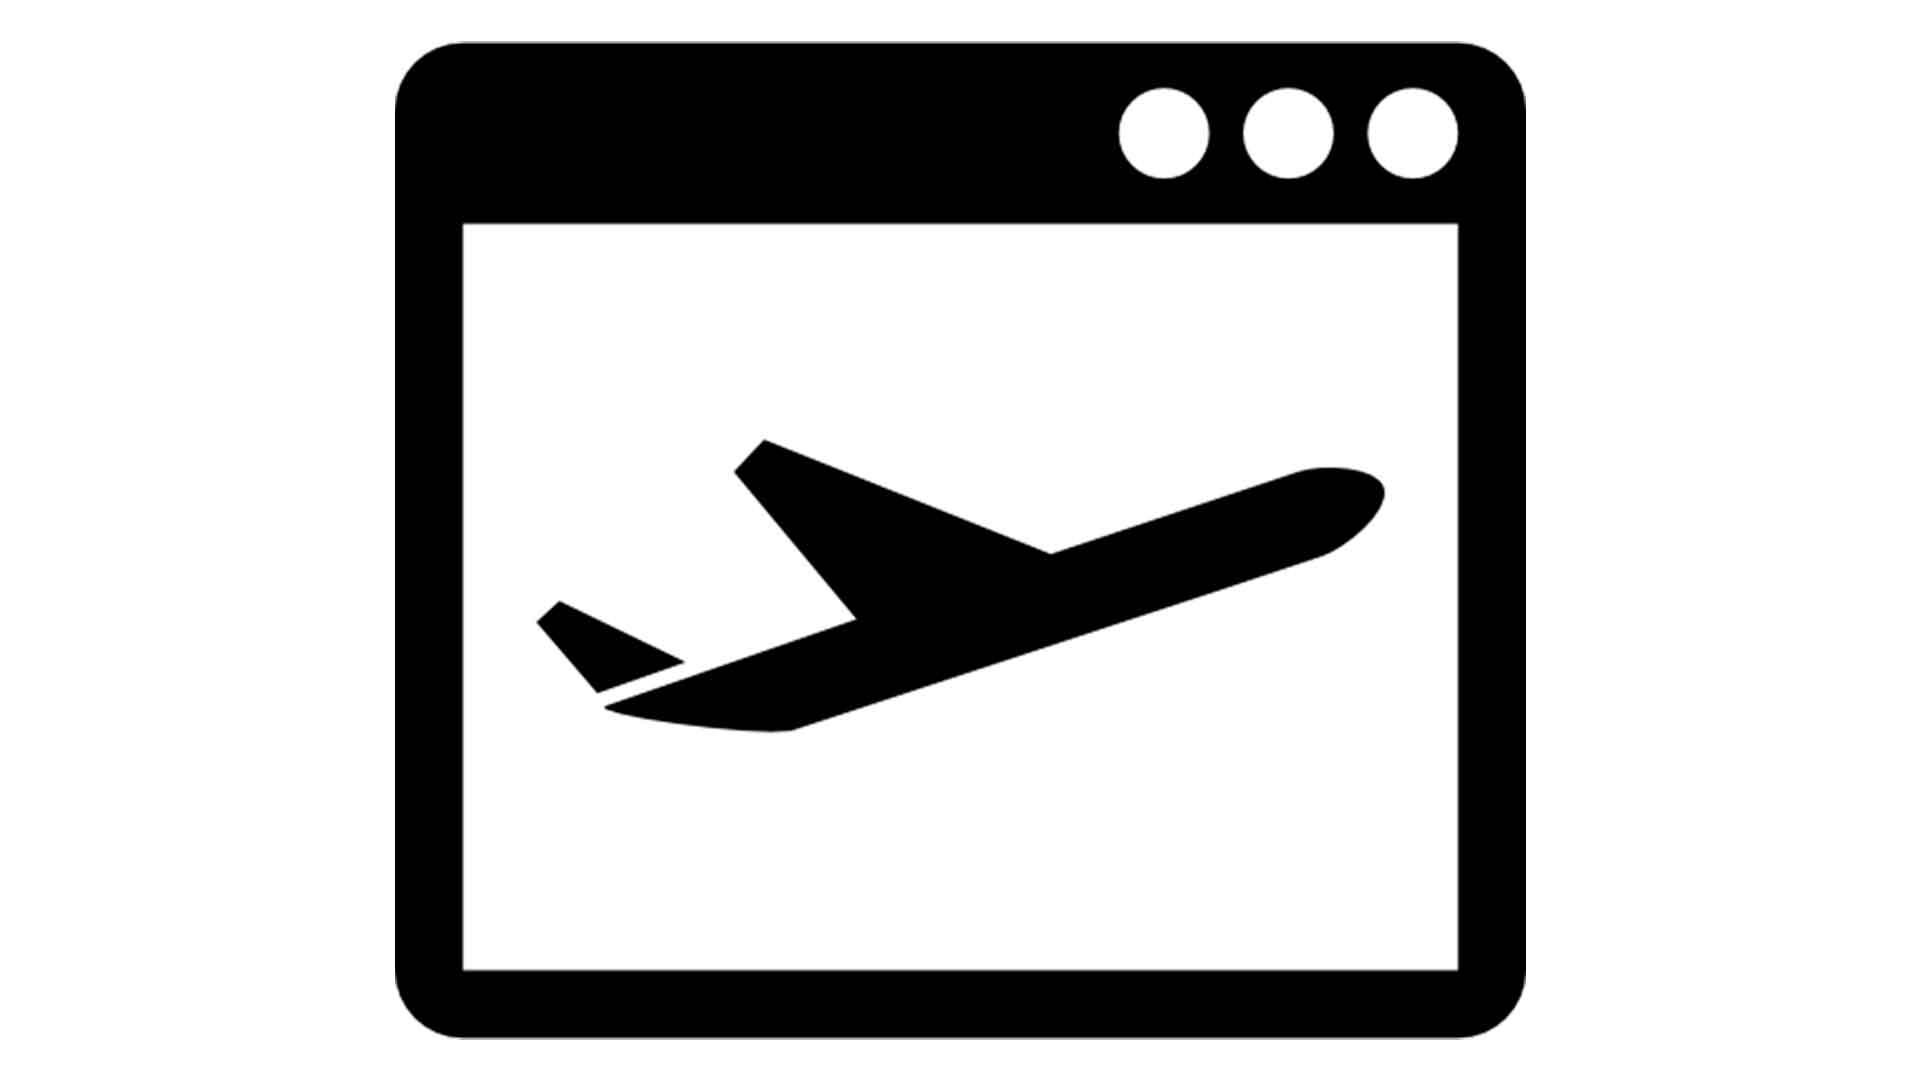 Agencia Sidecar agencia-sidecar-blog-landing-page Ejemplos, características y funciones de las landing page